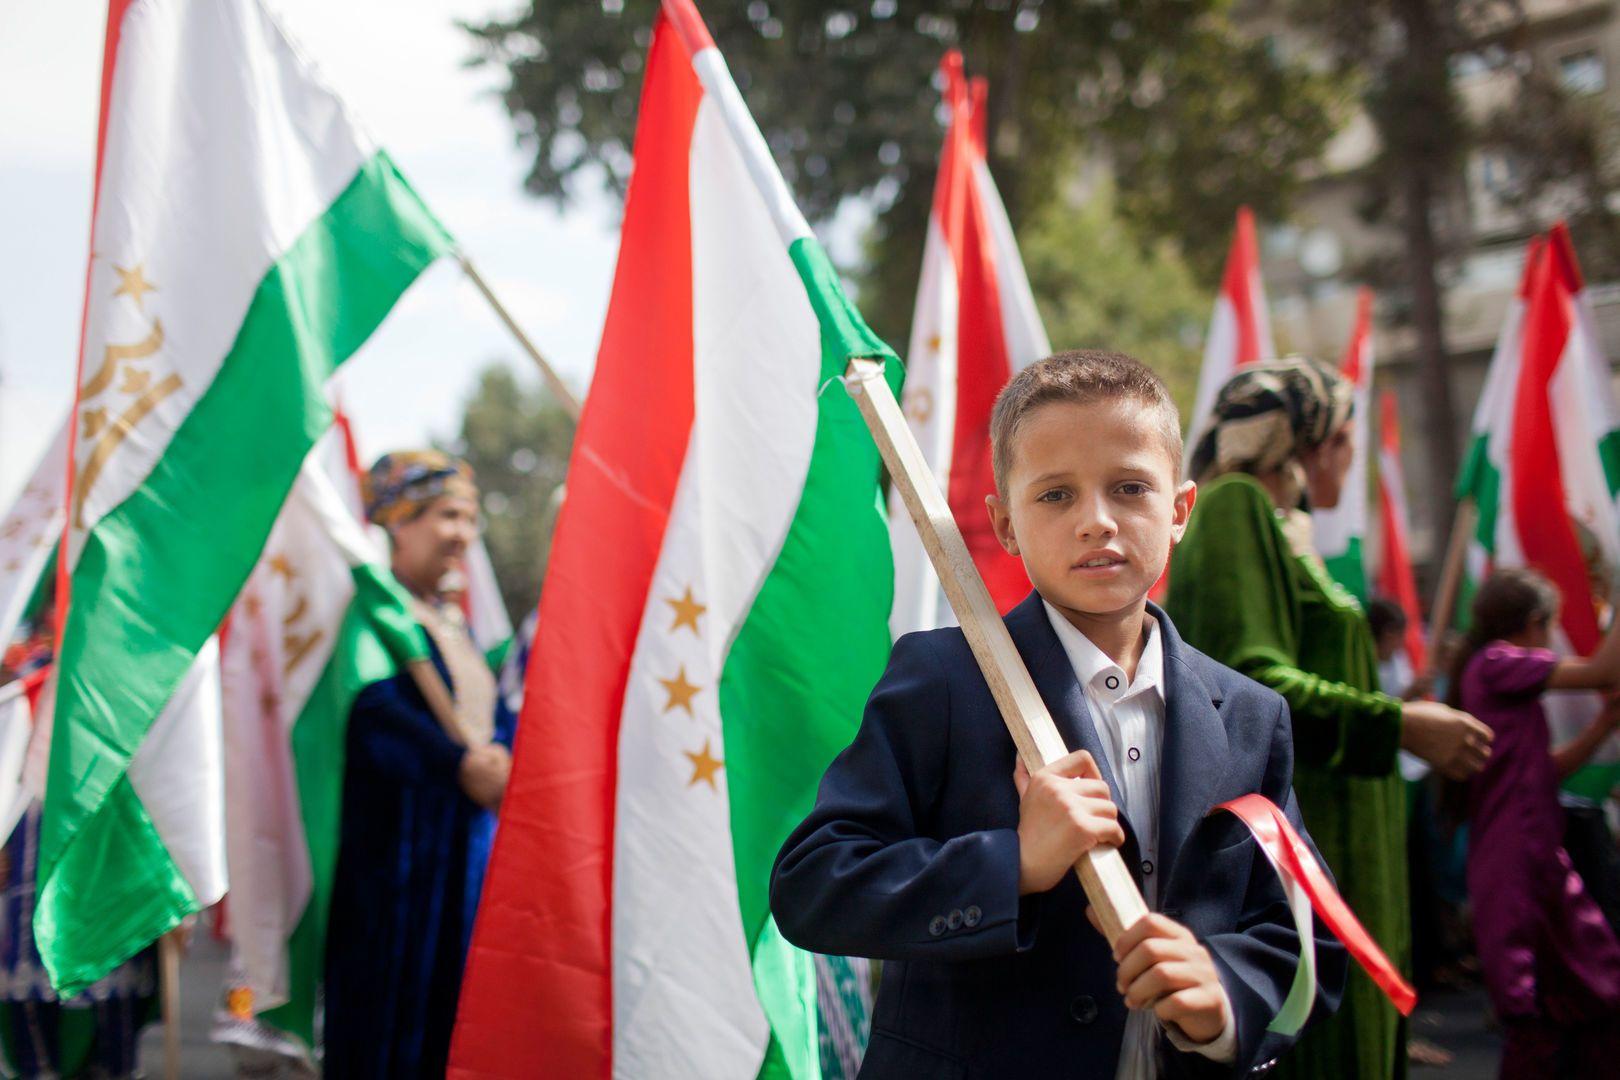 Boy holding Tajik flag at Nowruz celebration